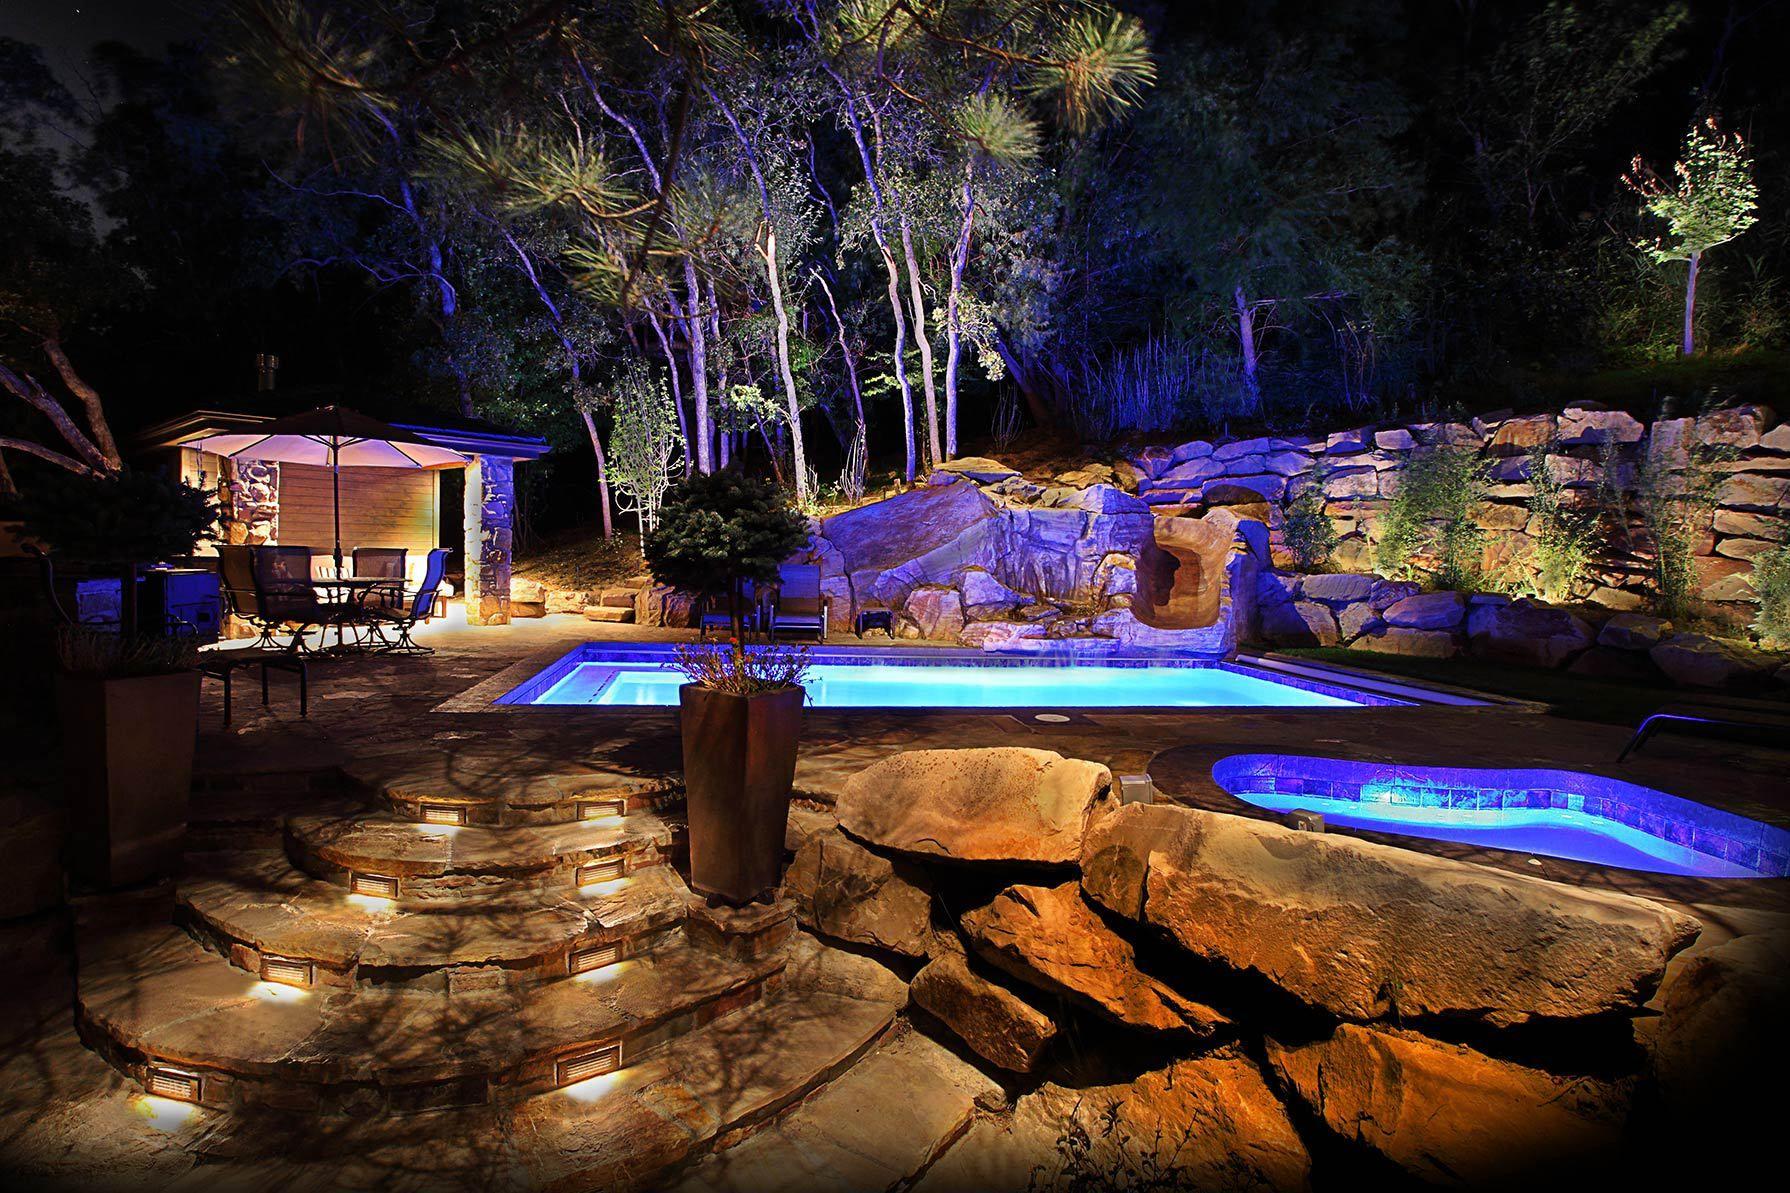 Landscape Lighting Pro of Utah